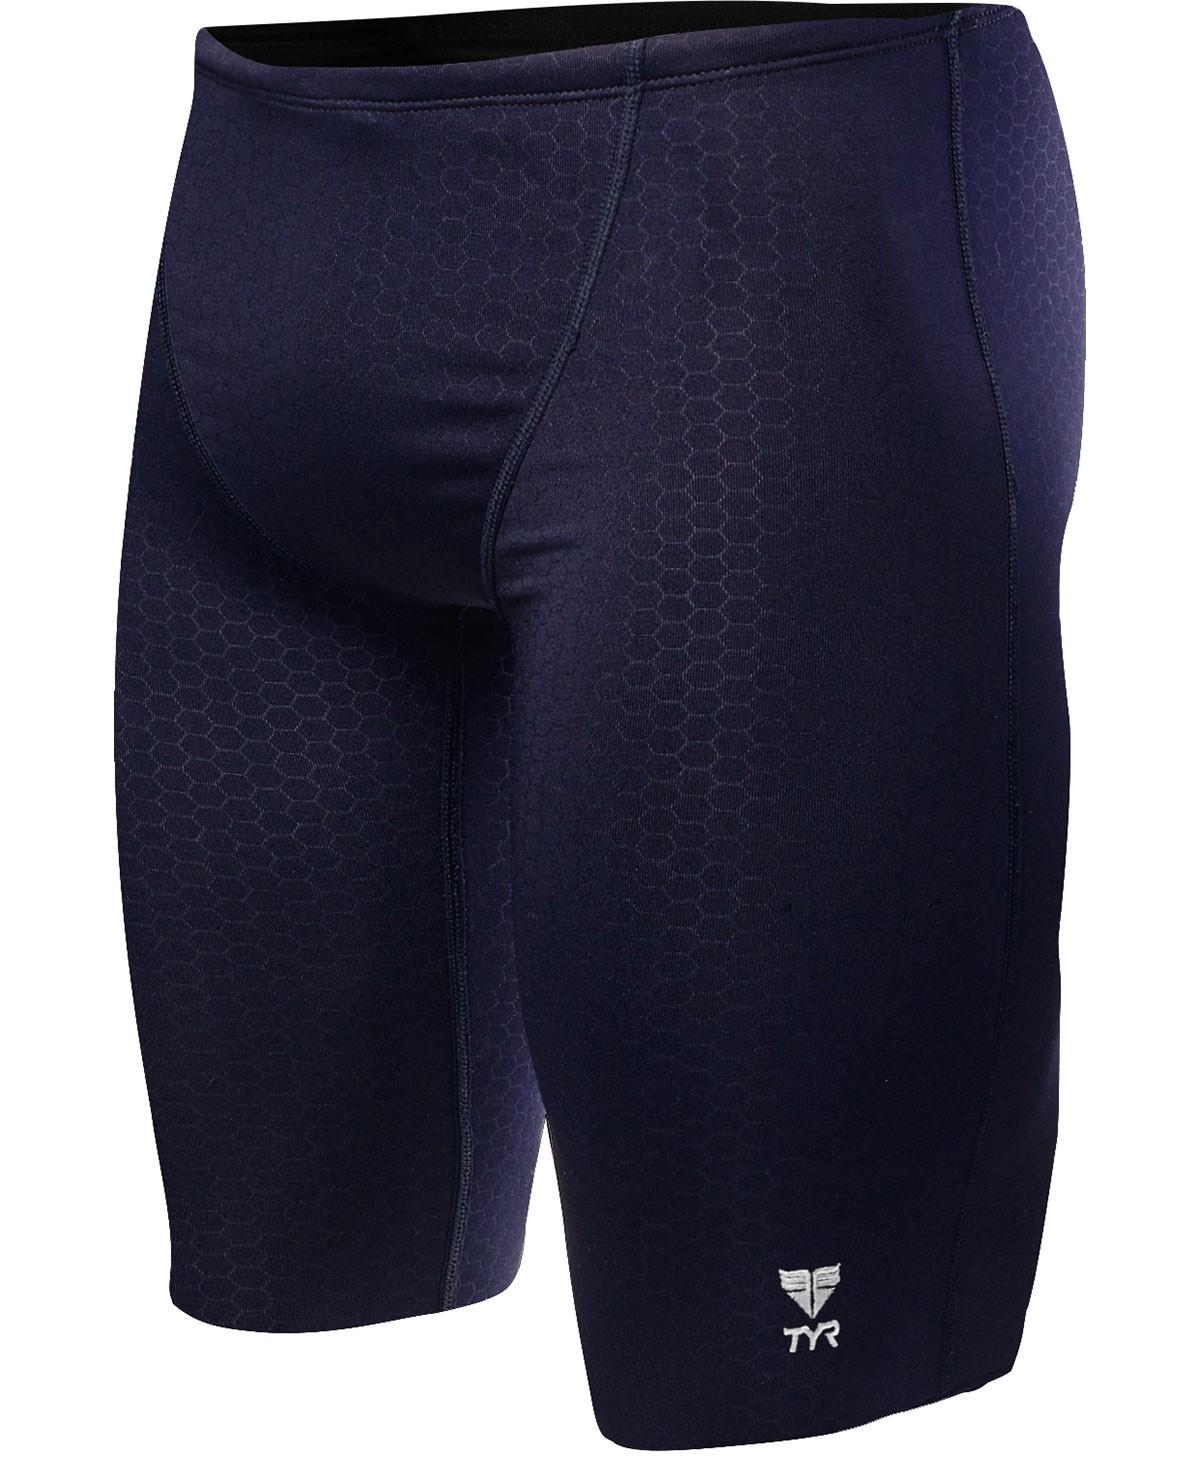 140f21e117 Gift Ideas for Men - TYR Men s Hexa Jammer Swimsuit ...